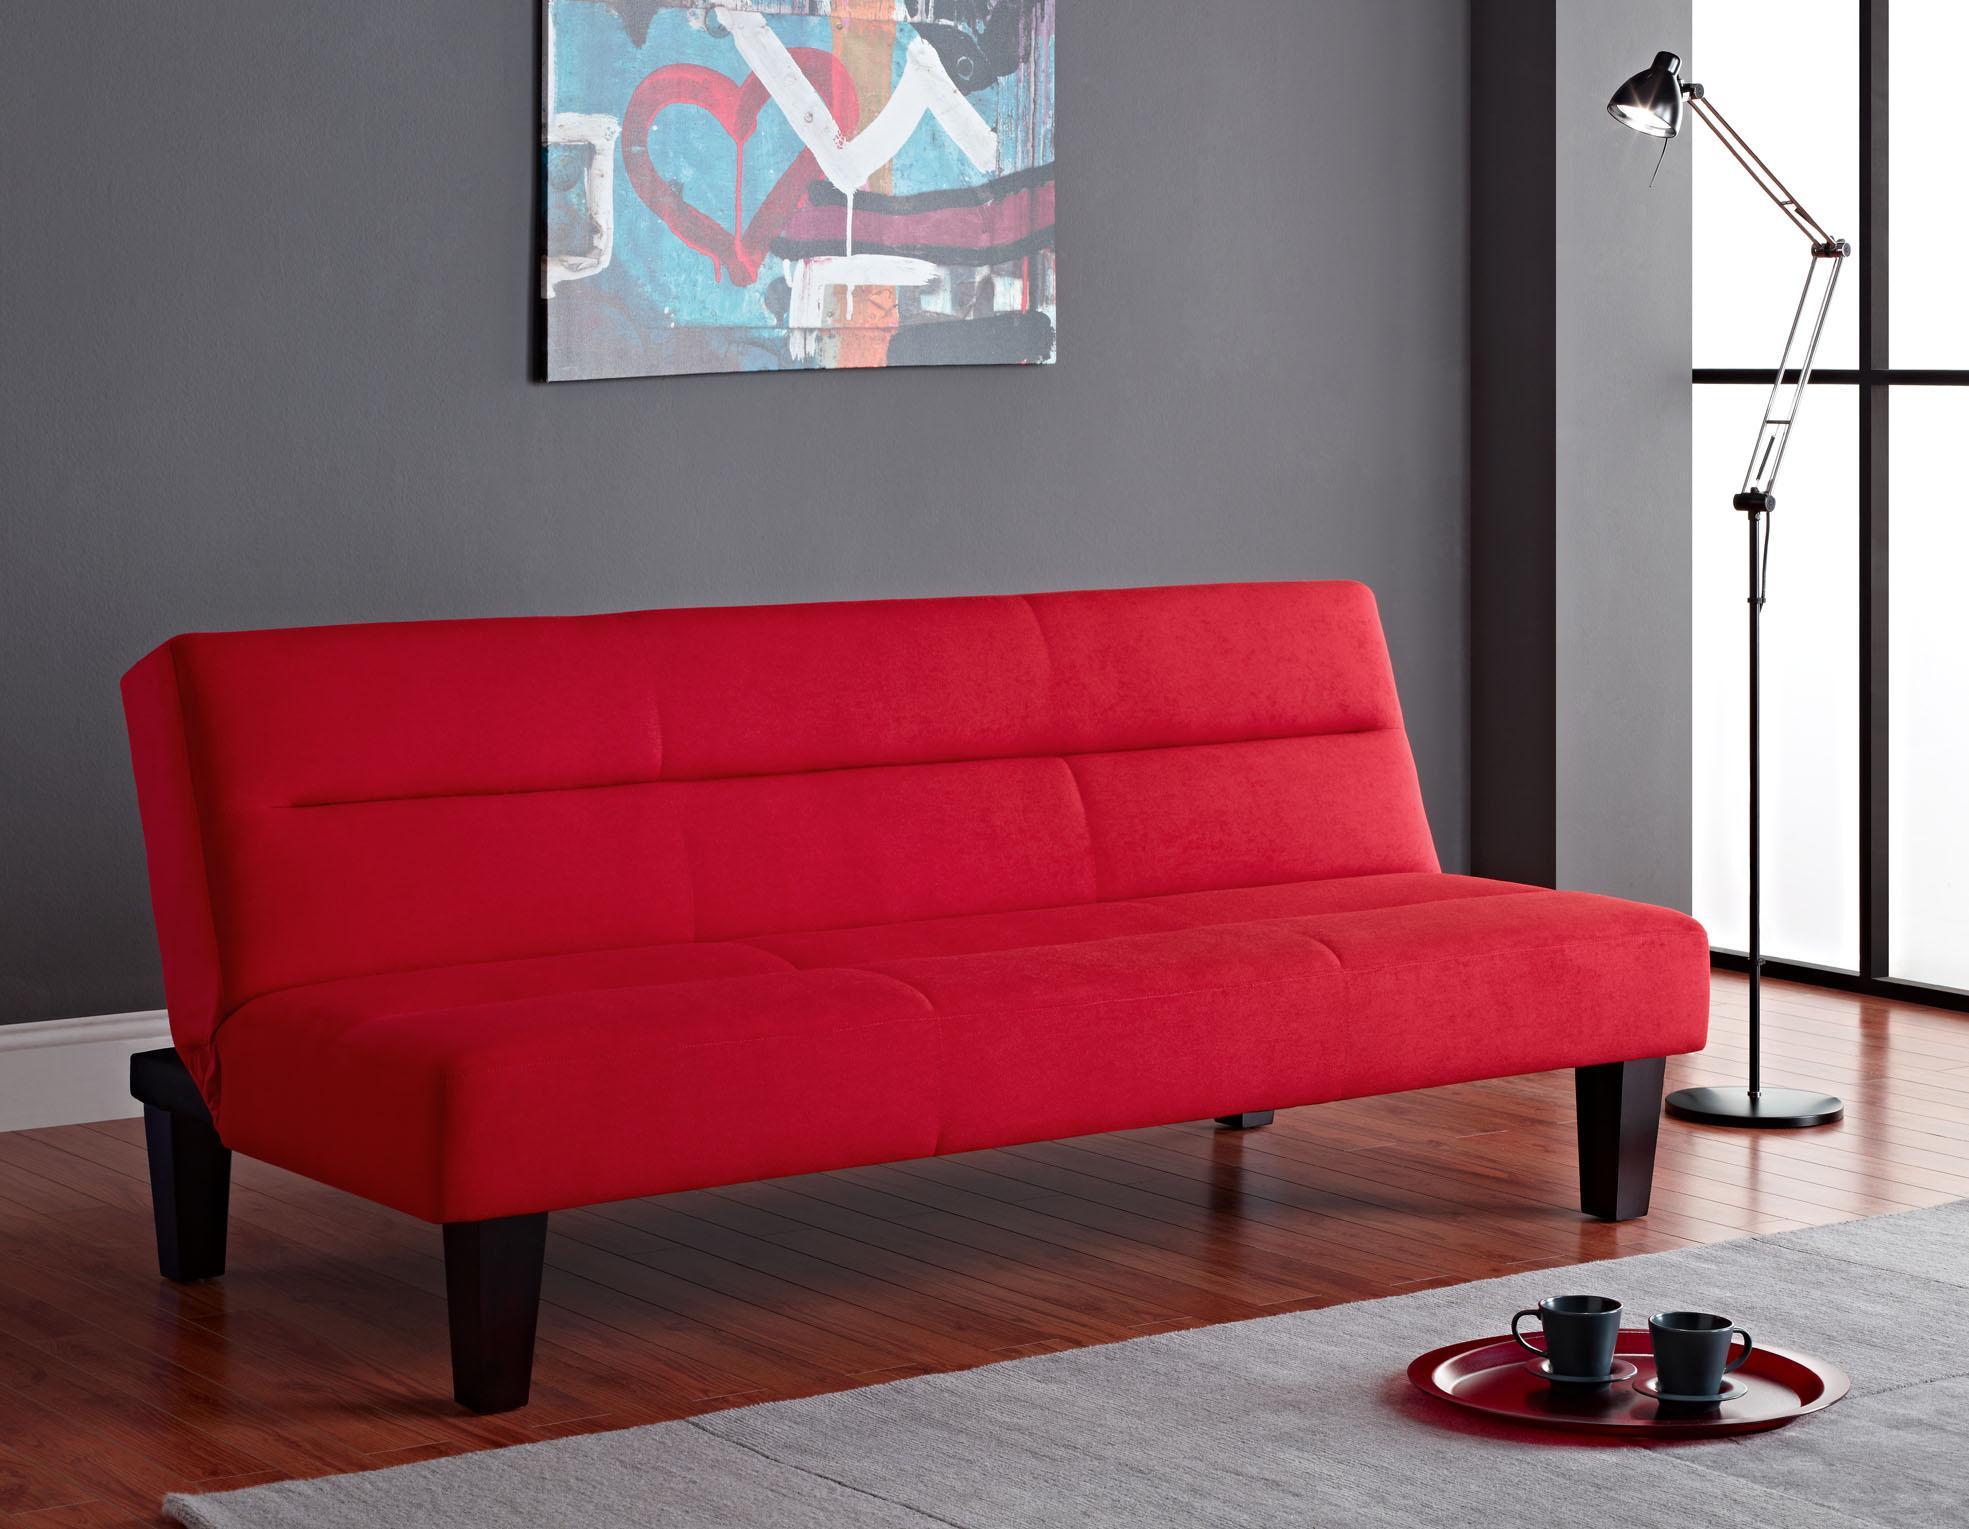 $99 - Kebo Futon Sofa Bed - Super Deal Box | Super Deal Box